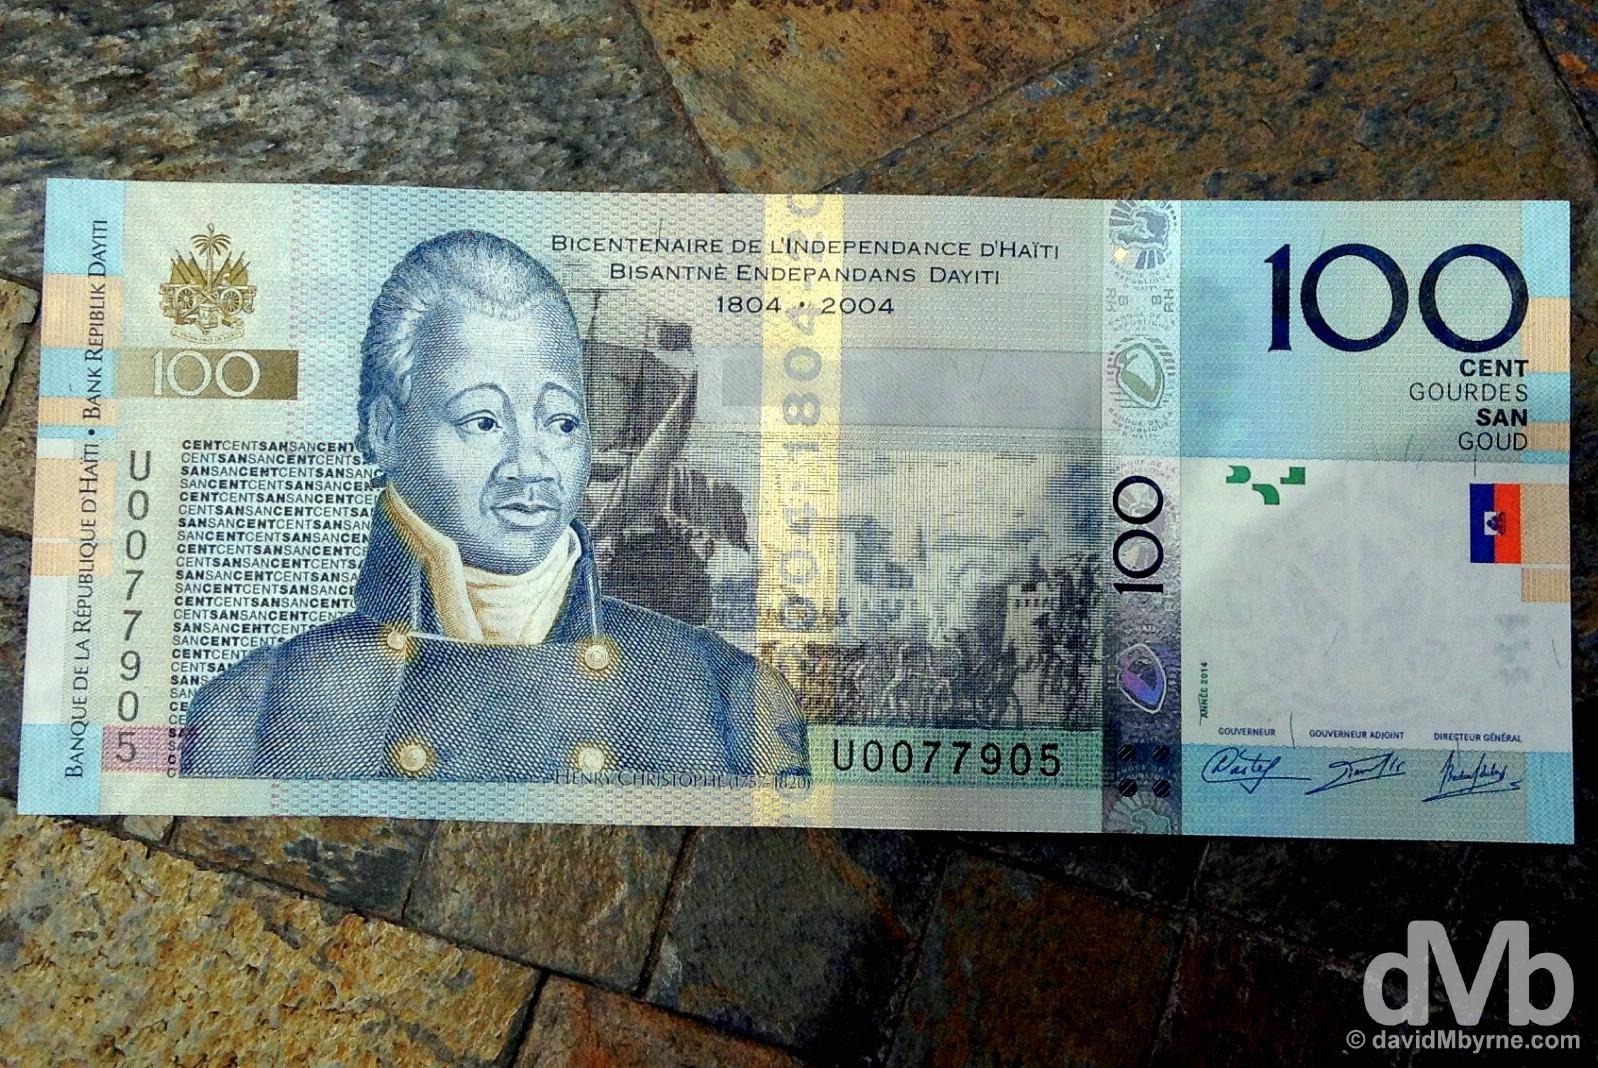 100 Goud (€1.40). Port-Au-Prince, Haiti. May 16, 2015.